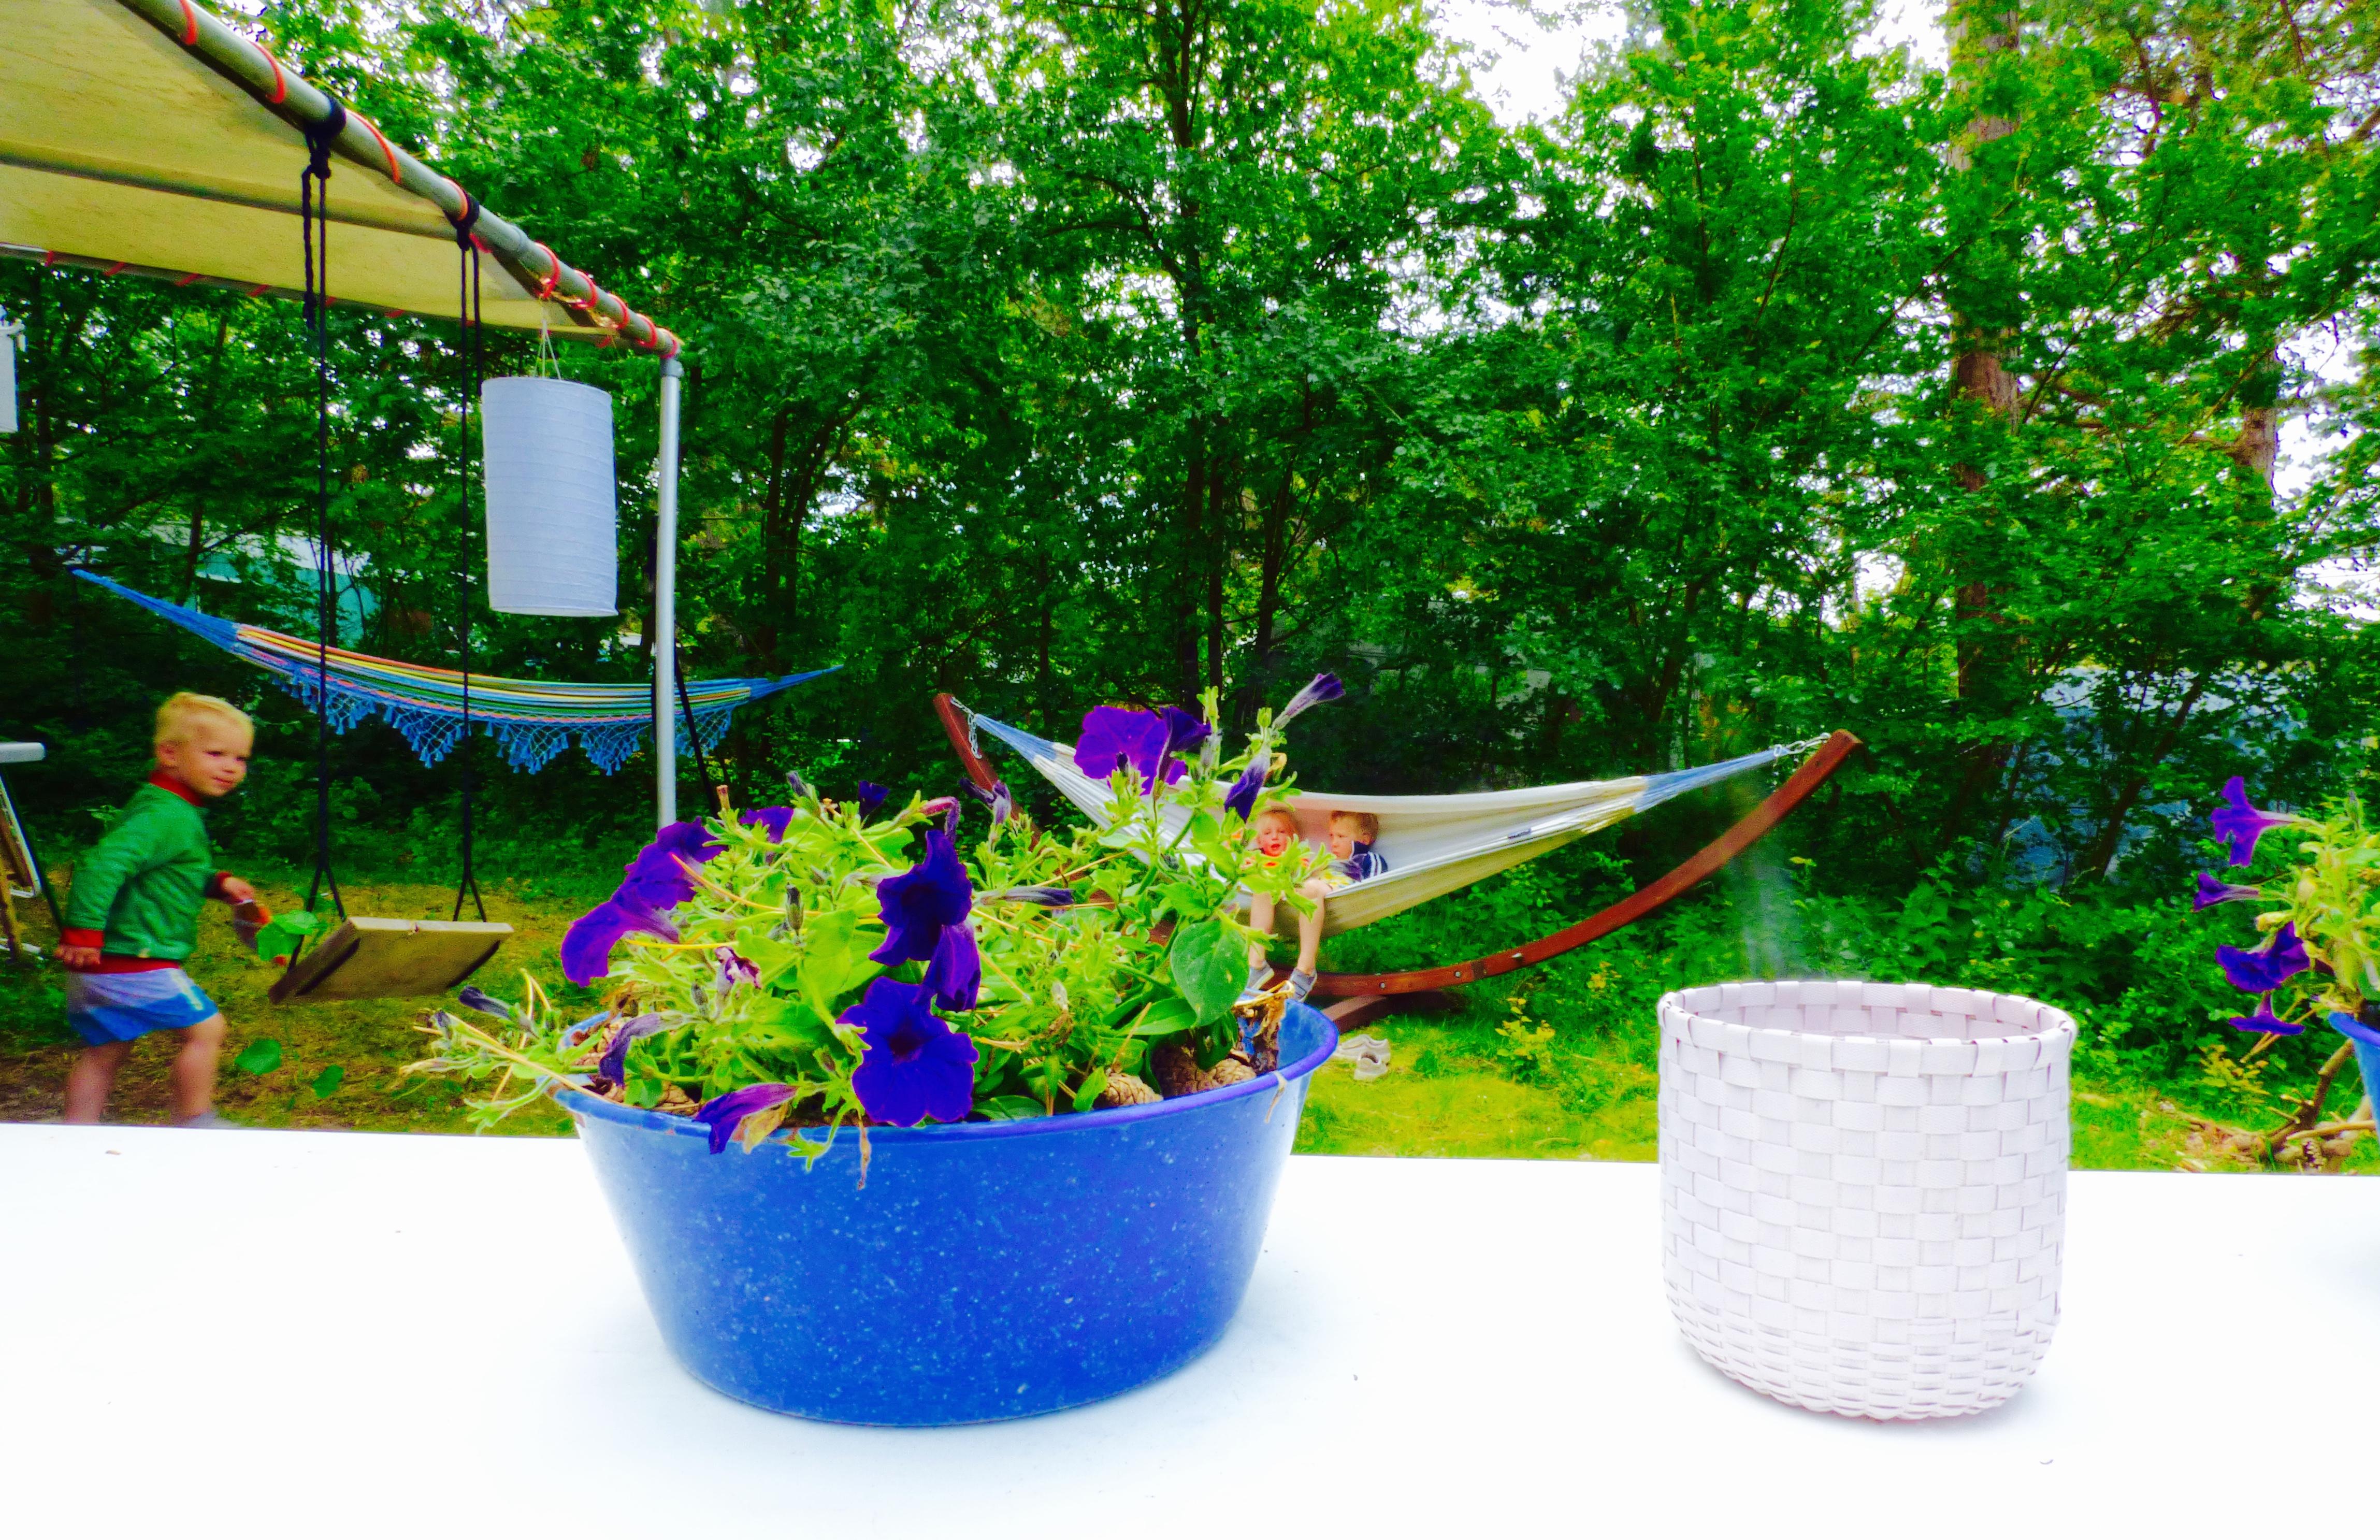 bakkum, tuin, kamperen met kinderen